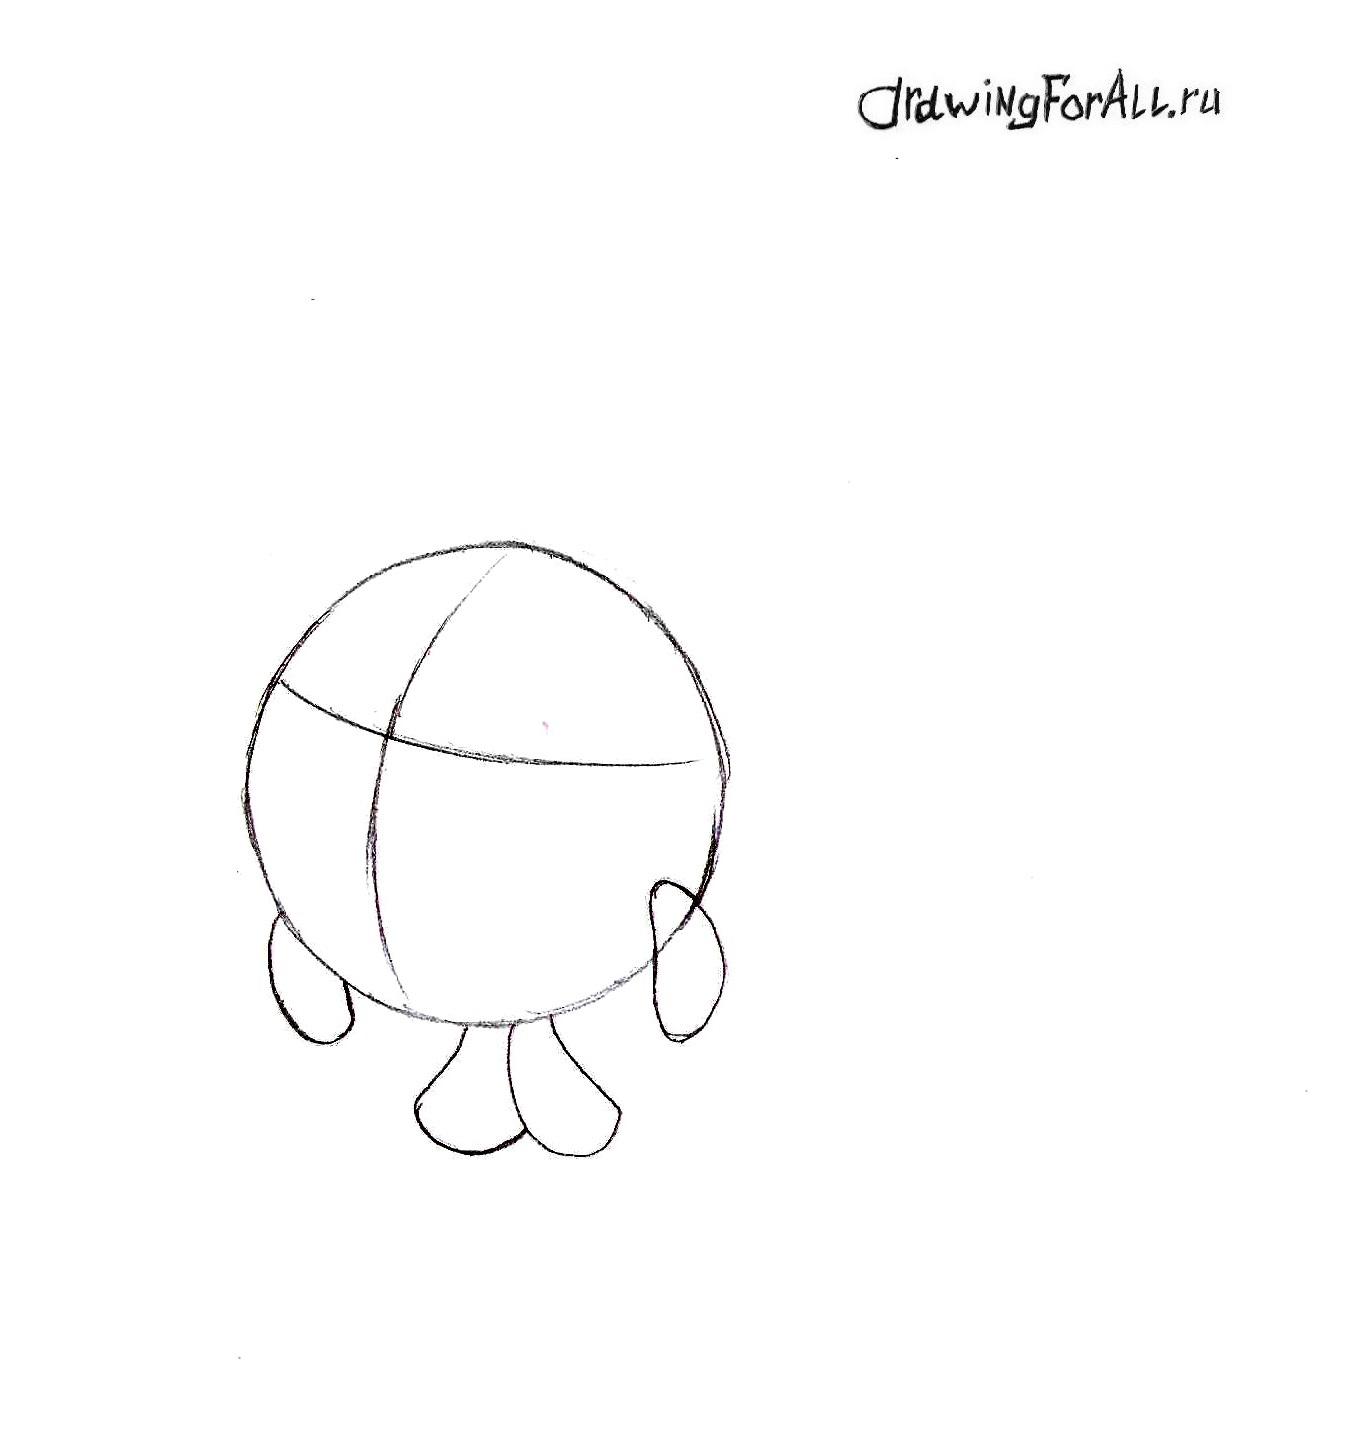 Как нарисовать Смешариков поэтапно